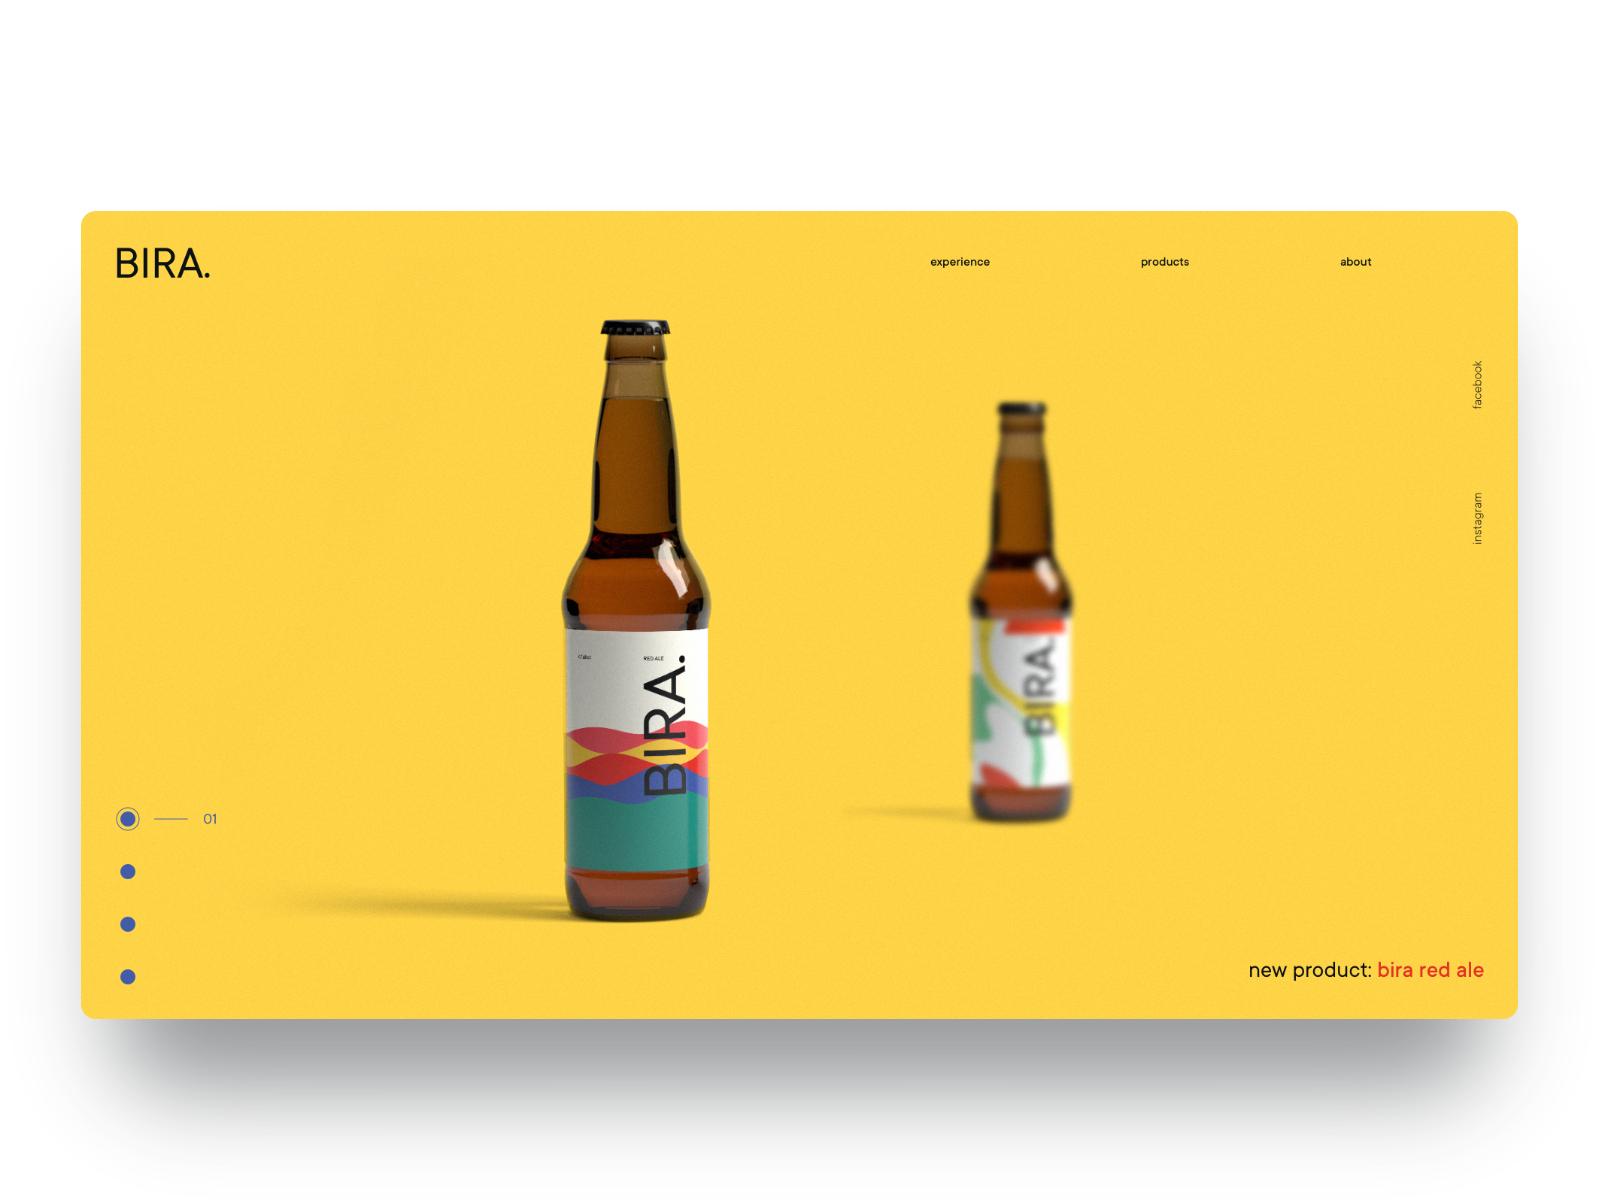 BIRA UI Design uidaily inspiration uidesign beer branding